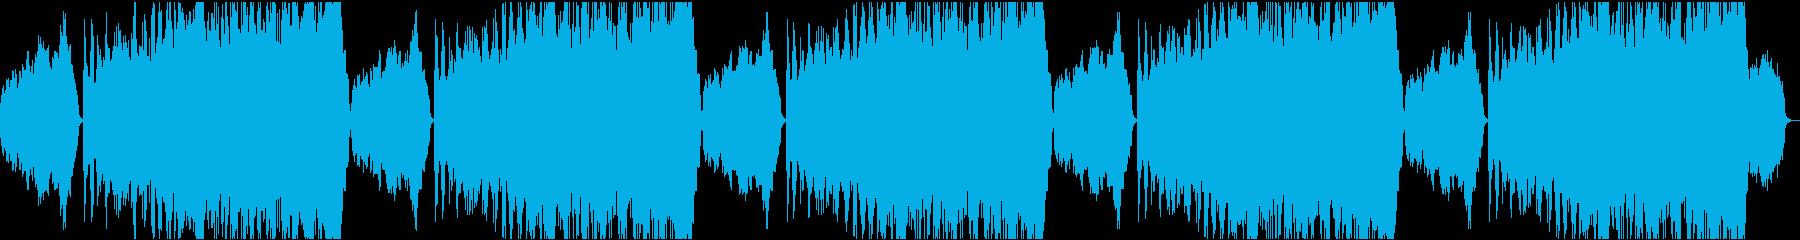 企業VP1 格調・14分バージョンの再生済みの波形